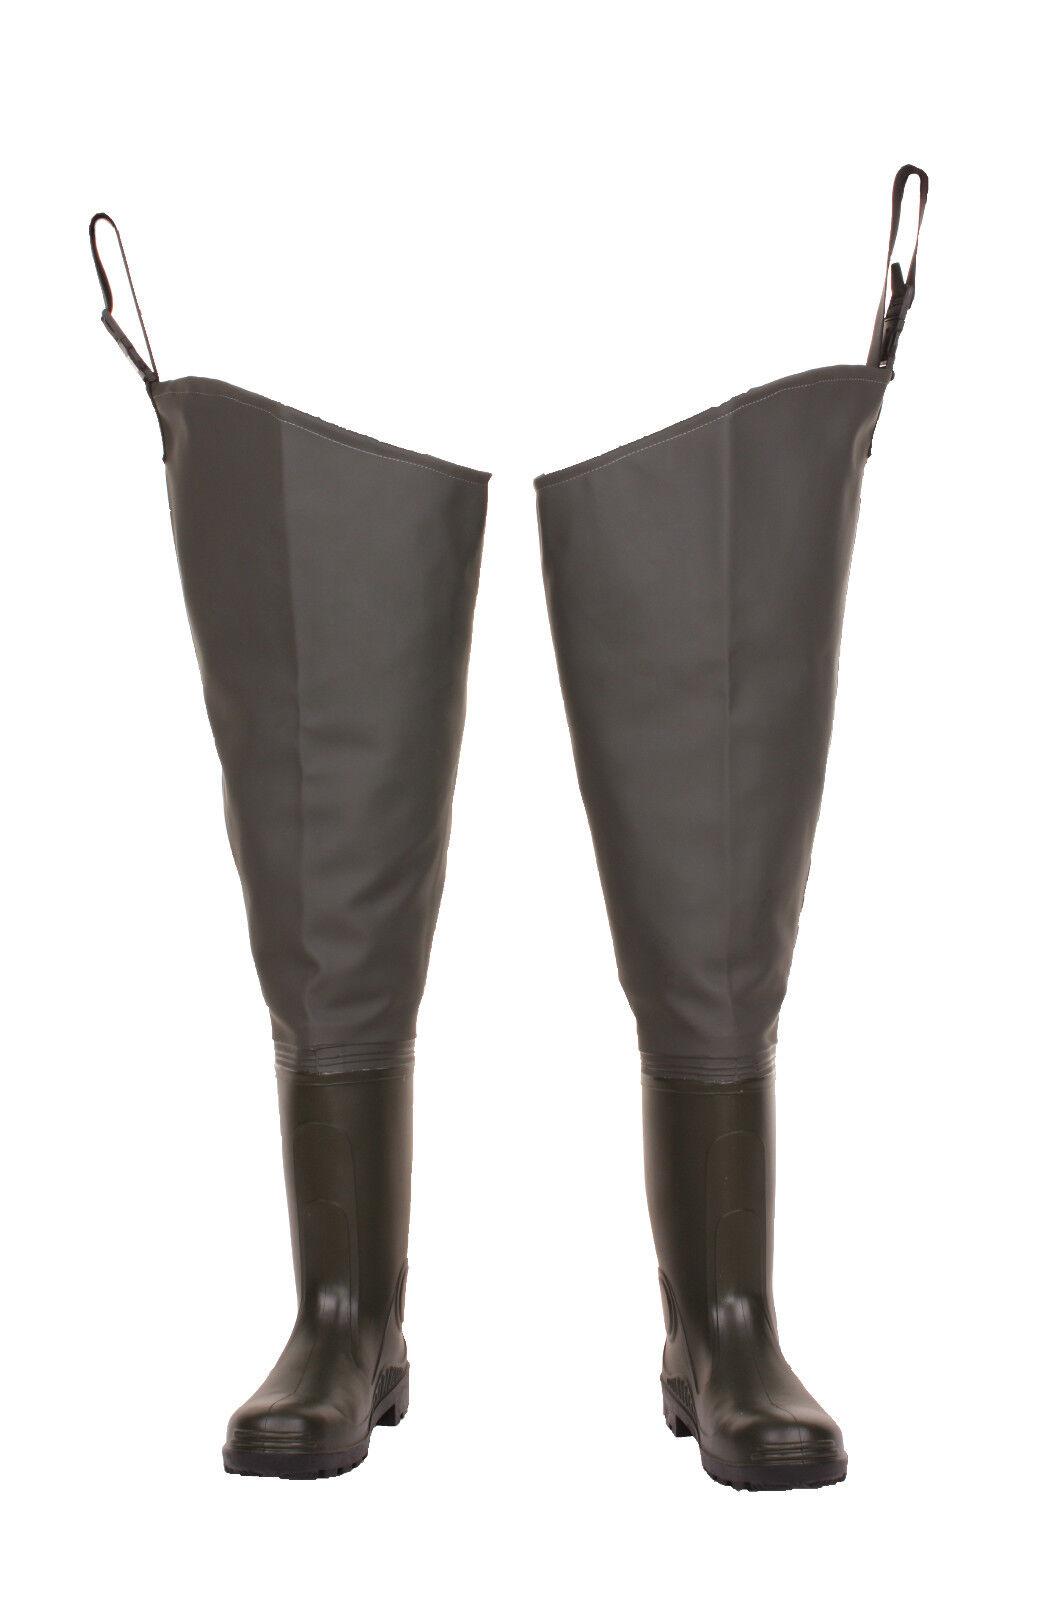 Green THIGH Waders LEMIGO  Standard  PVC HIP boots  7-12 EU